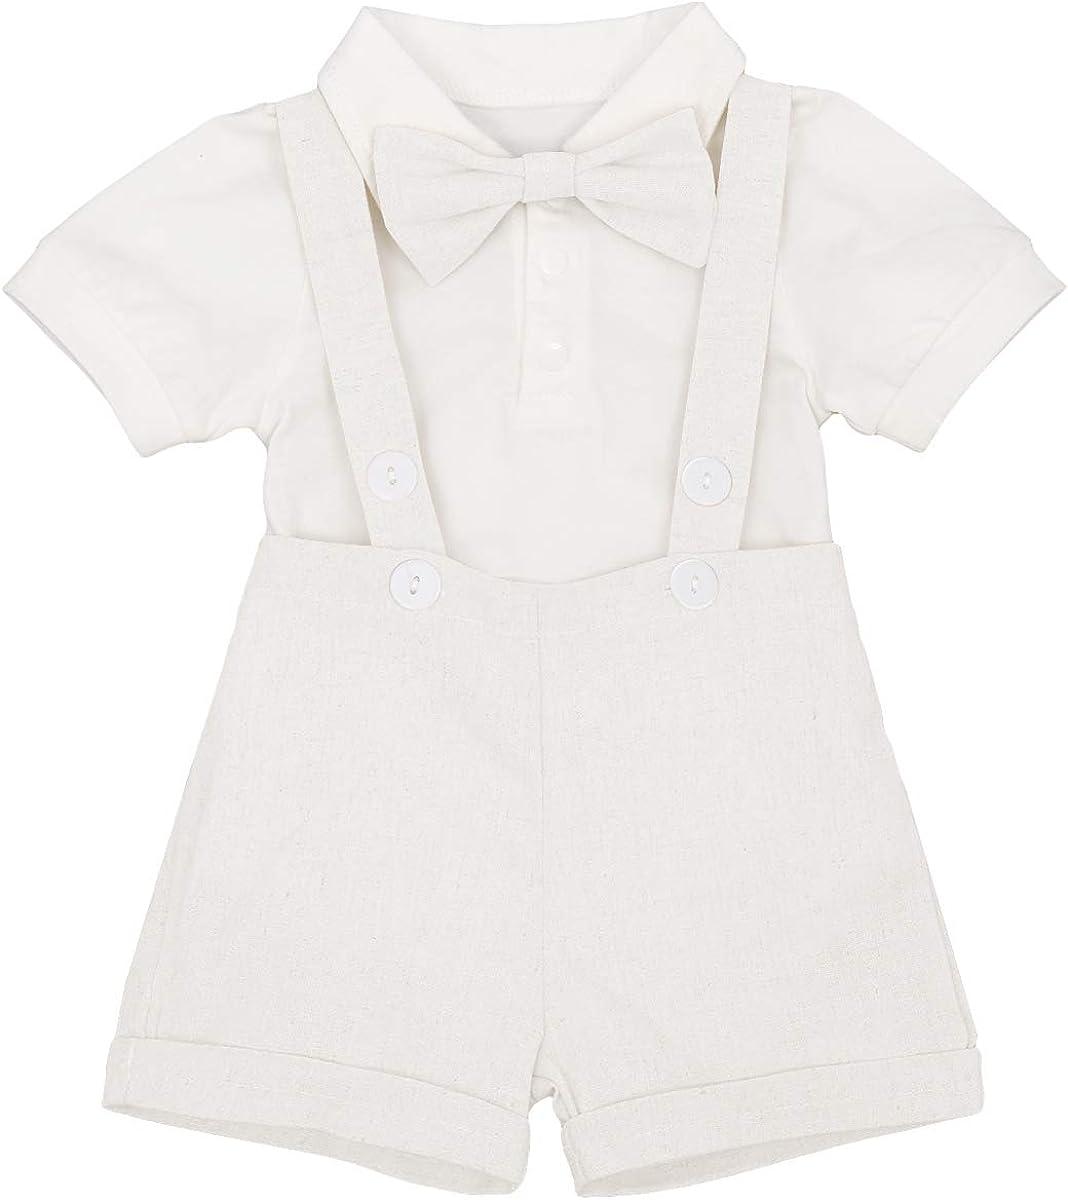 FYMNSI Traje de Bautizo para bebé + Pantalones Cortos de Lino + Corbata de moño 3 Piezas Traje Formal para niños pequeños Esmoquin de Boda Fiesta de cumpleaños 0-24 m